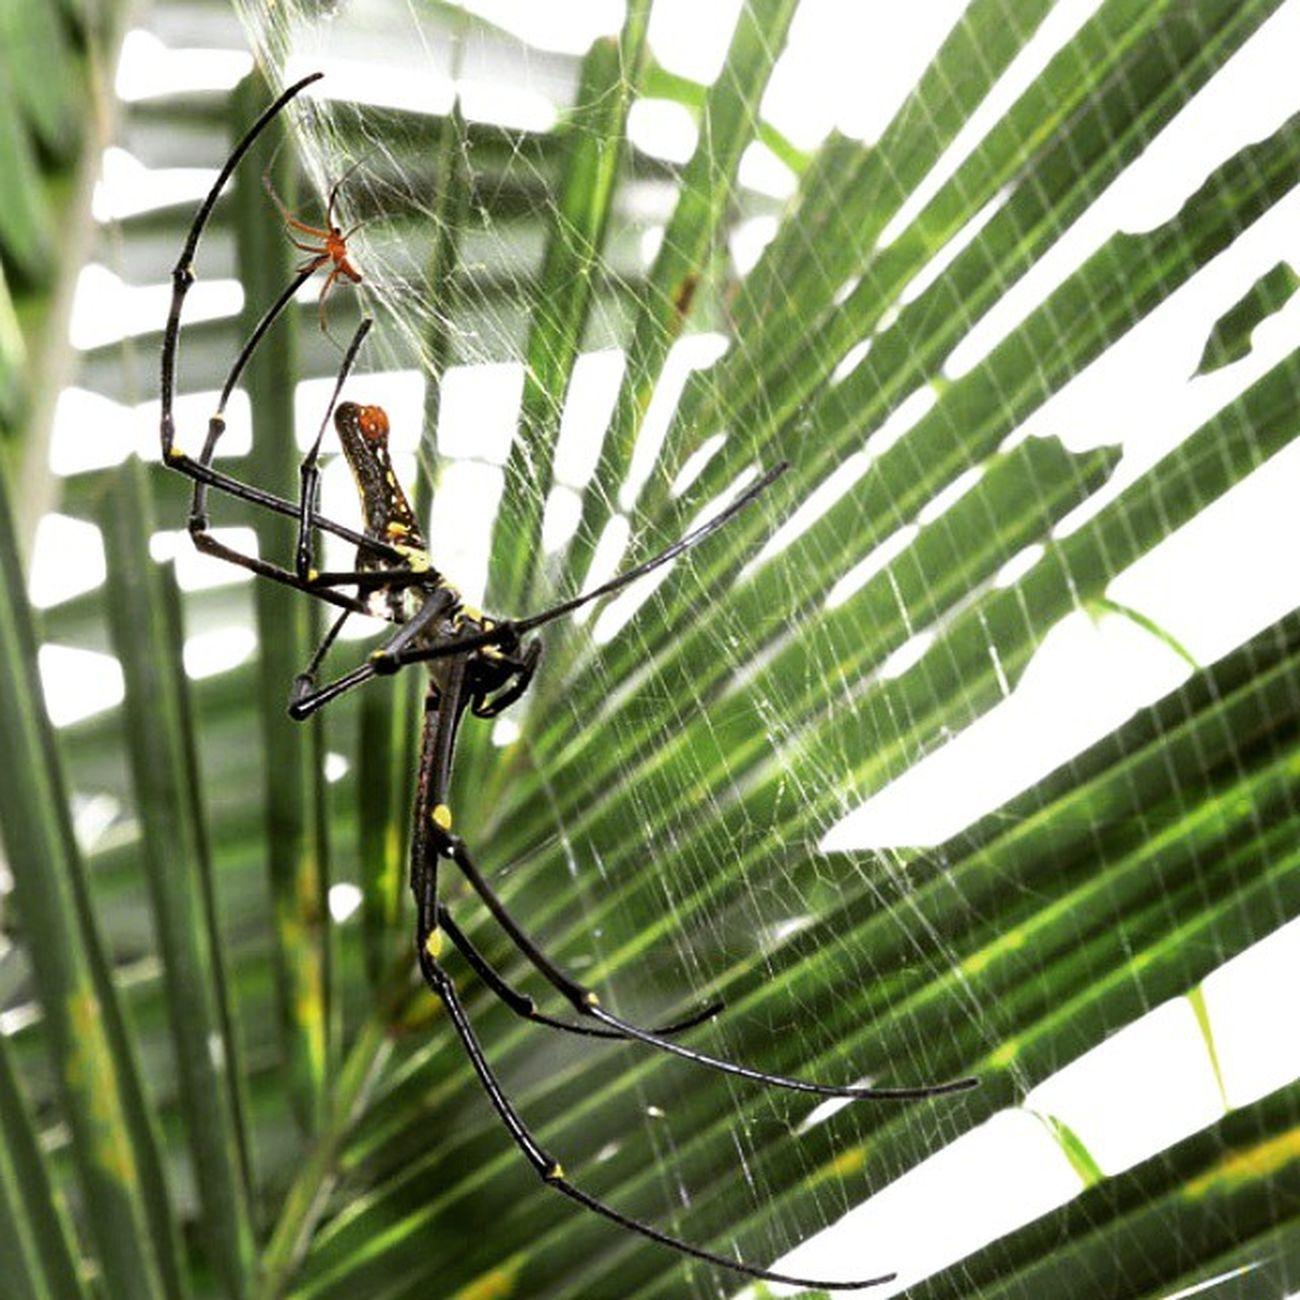 With the baby. Spider Ig_spider Greatmacro Spiderworld macro_x ig_closeups instashot instagaruda_macro